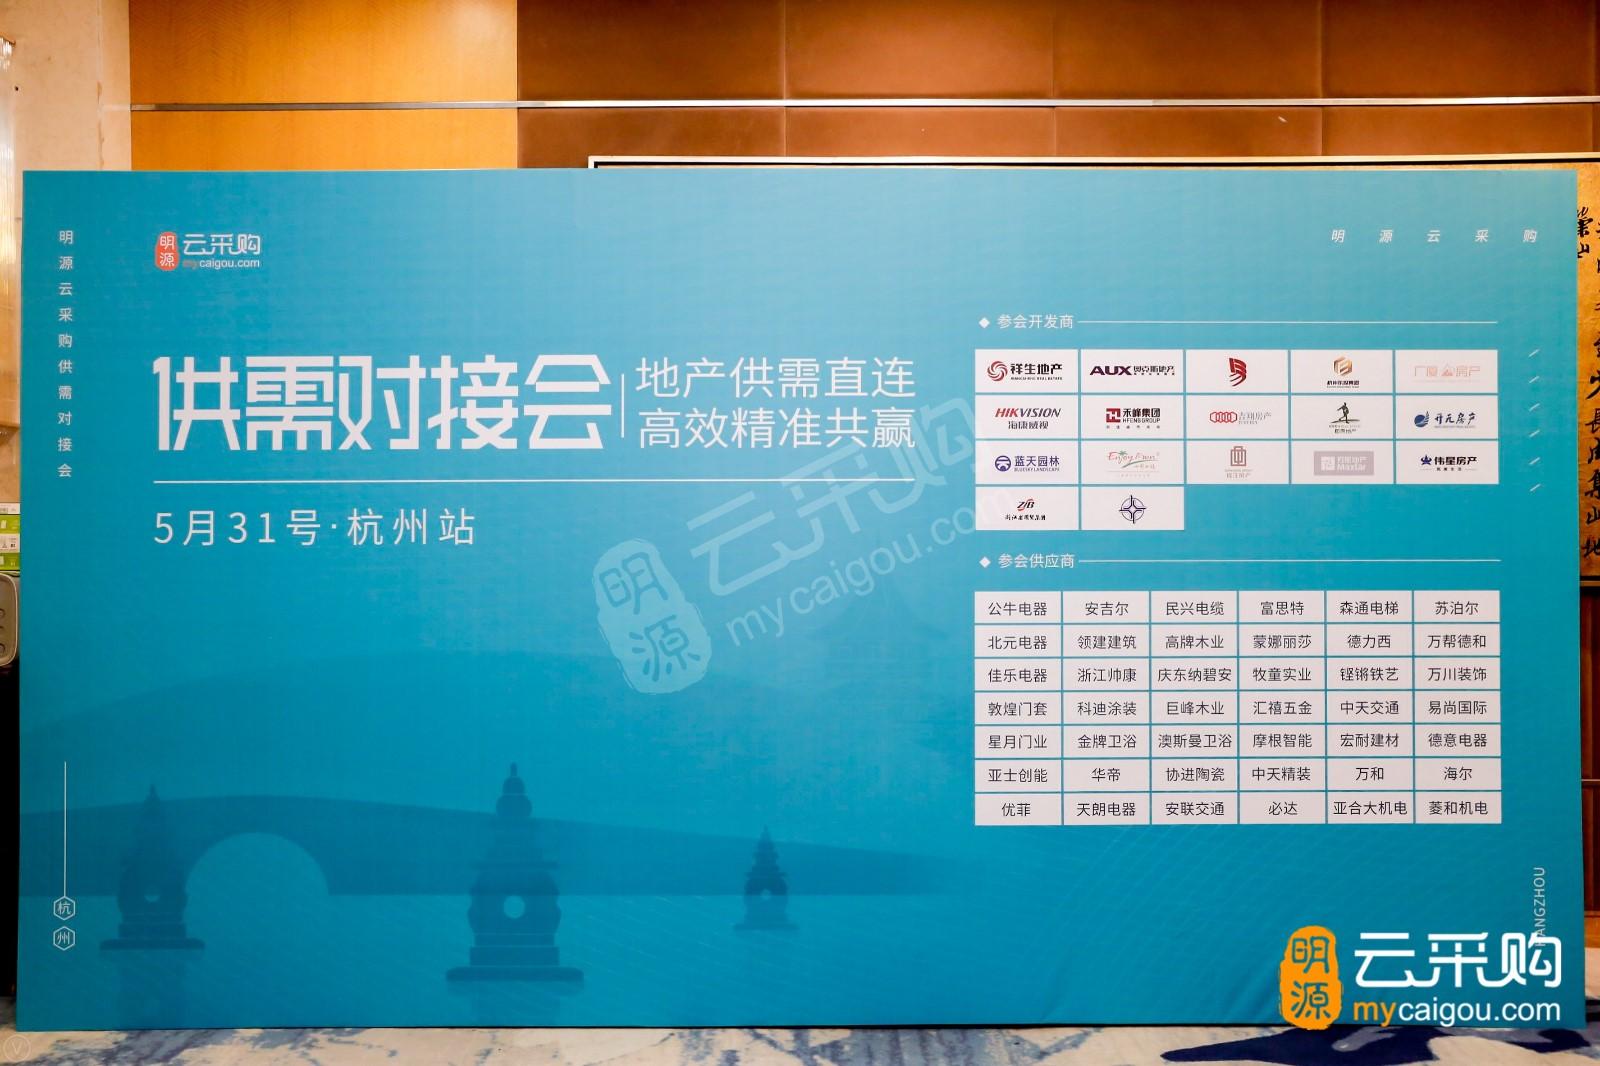 18+开发商携240+项采购需求,杭州现场供需洽谈!